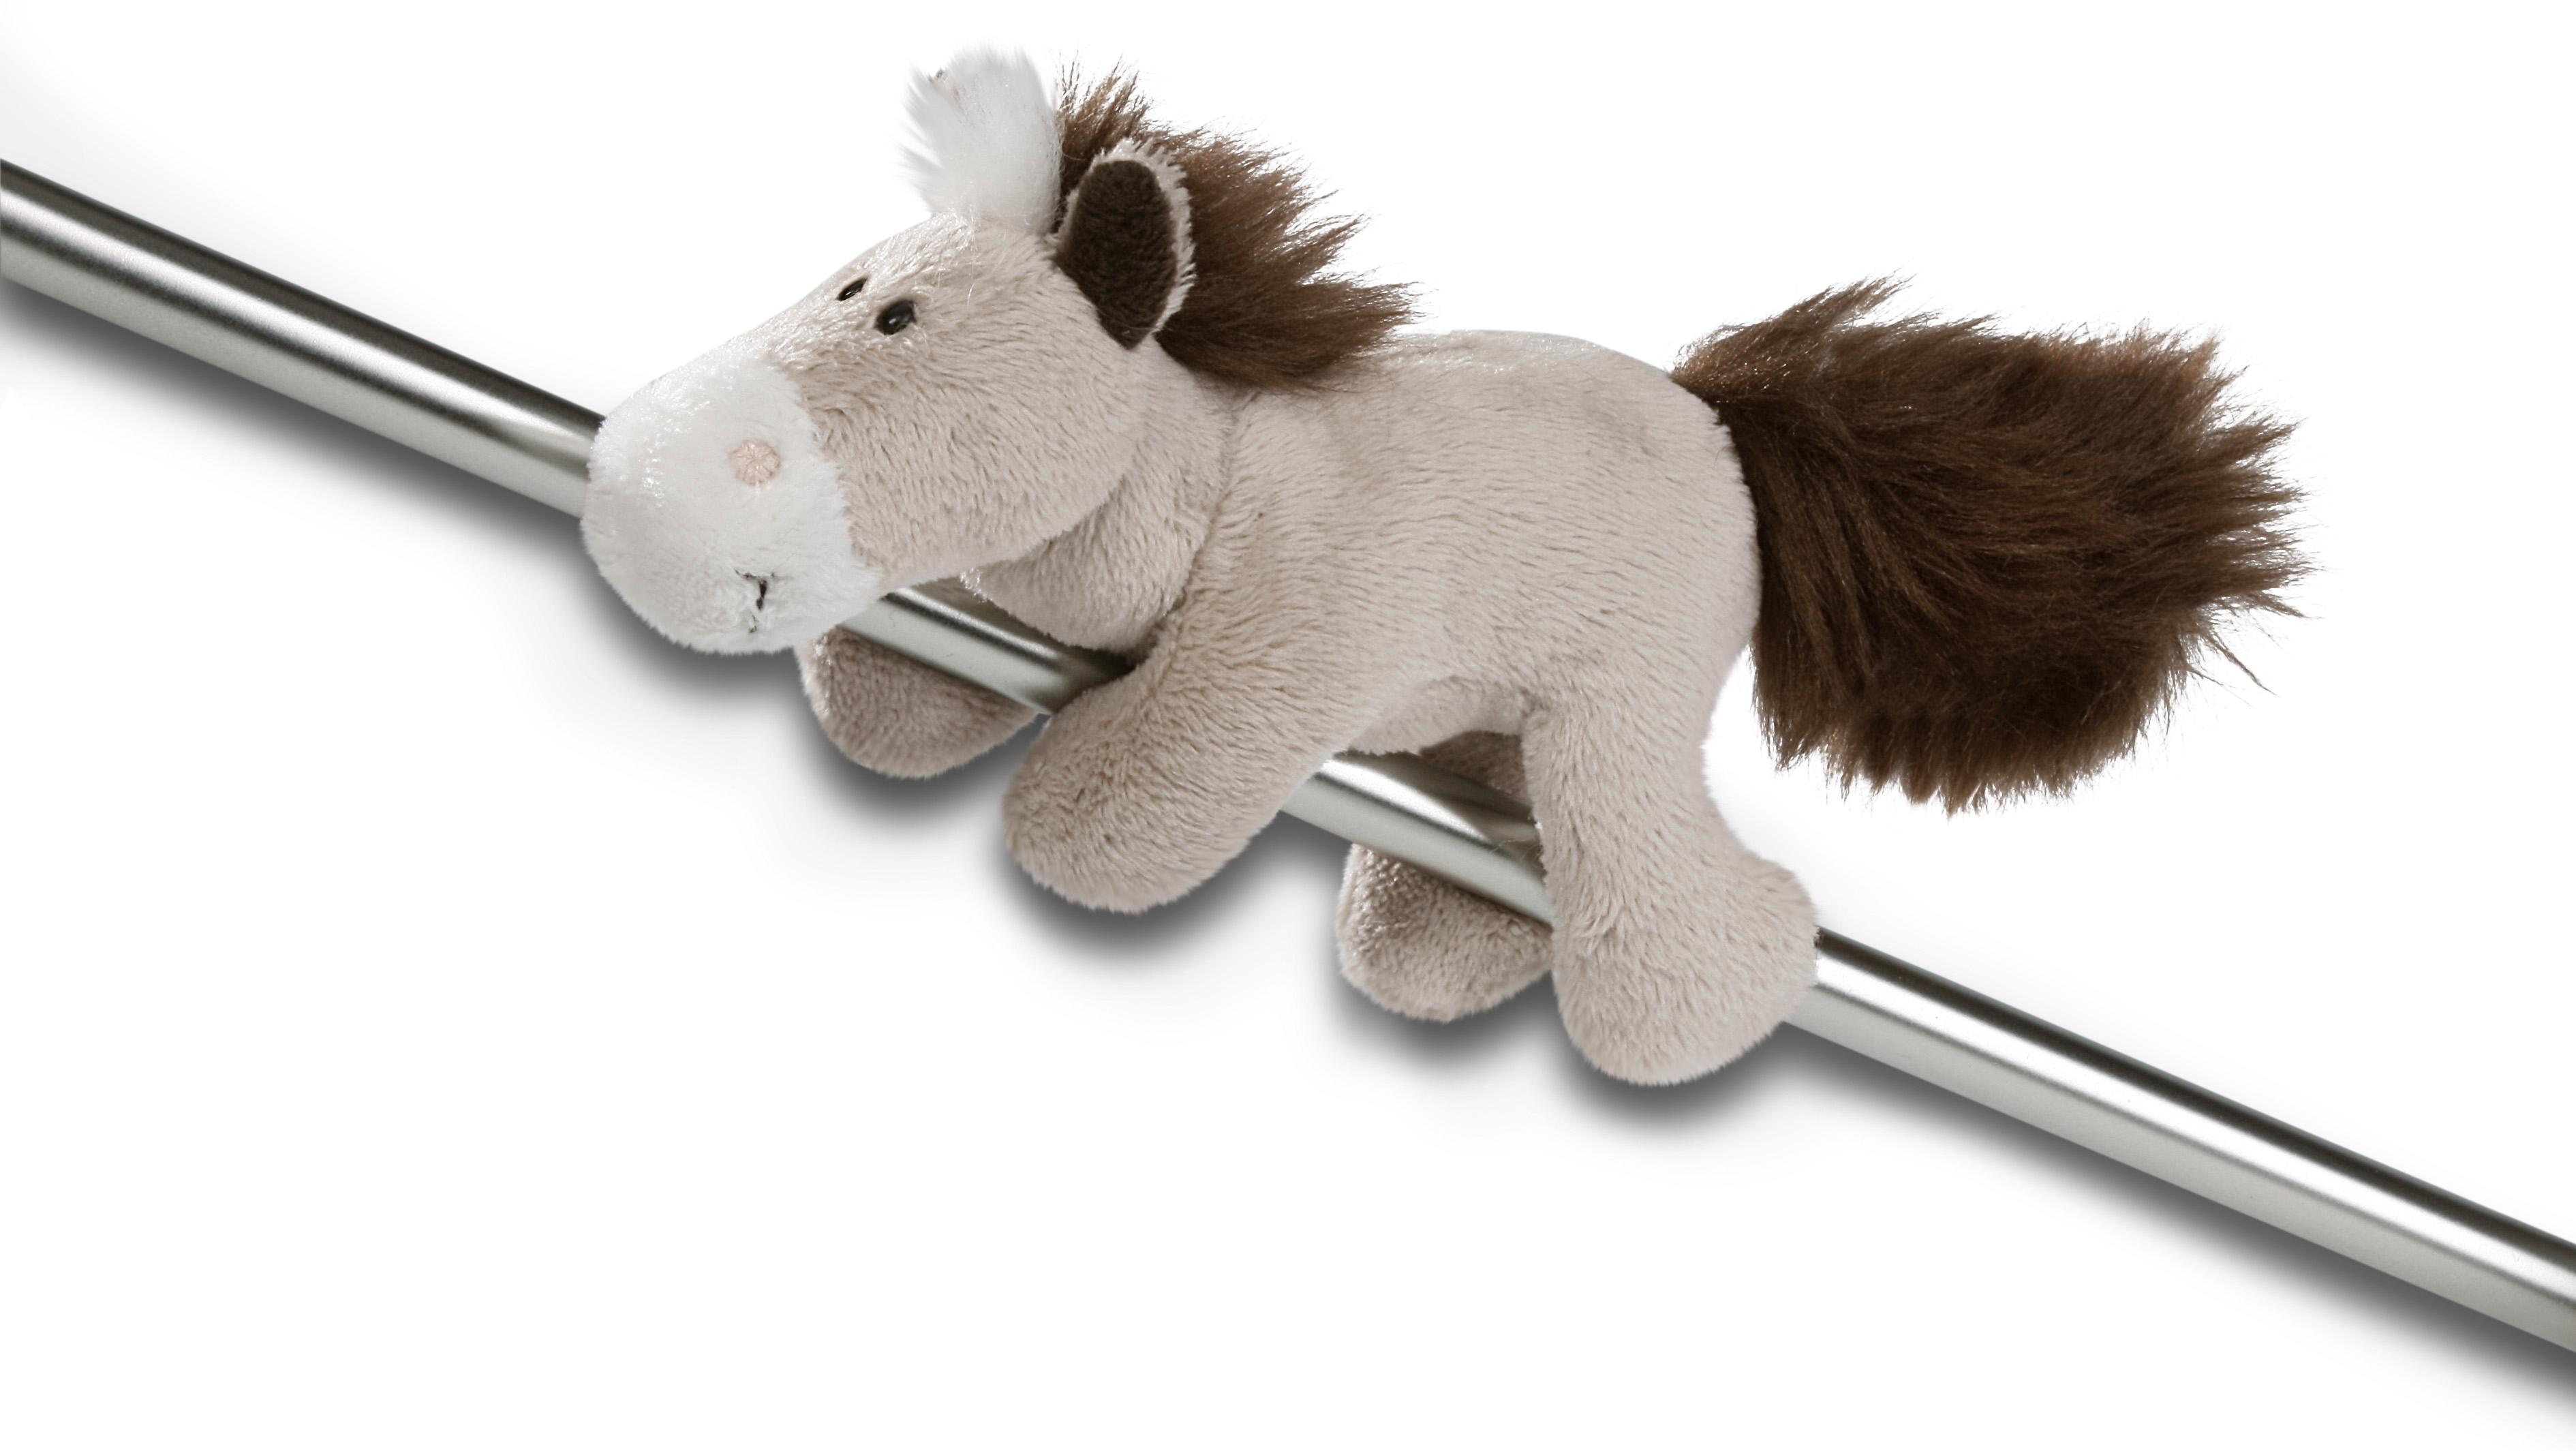 Магнит Лошадь серо-бежевая, 12 смРостометры, брелоки и др. игрушки<br>Магнит Лошадь серо-бежевая, 12 см<br>